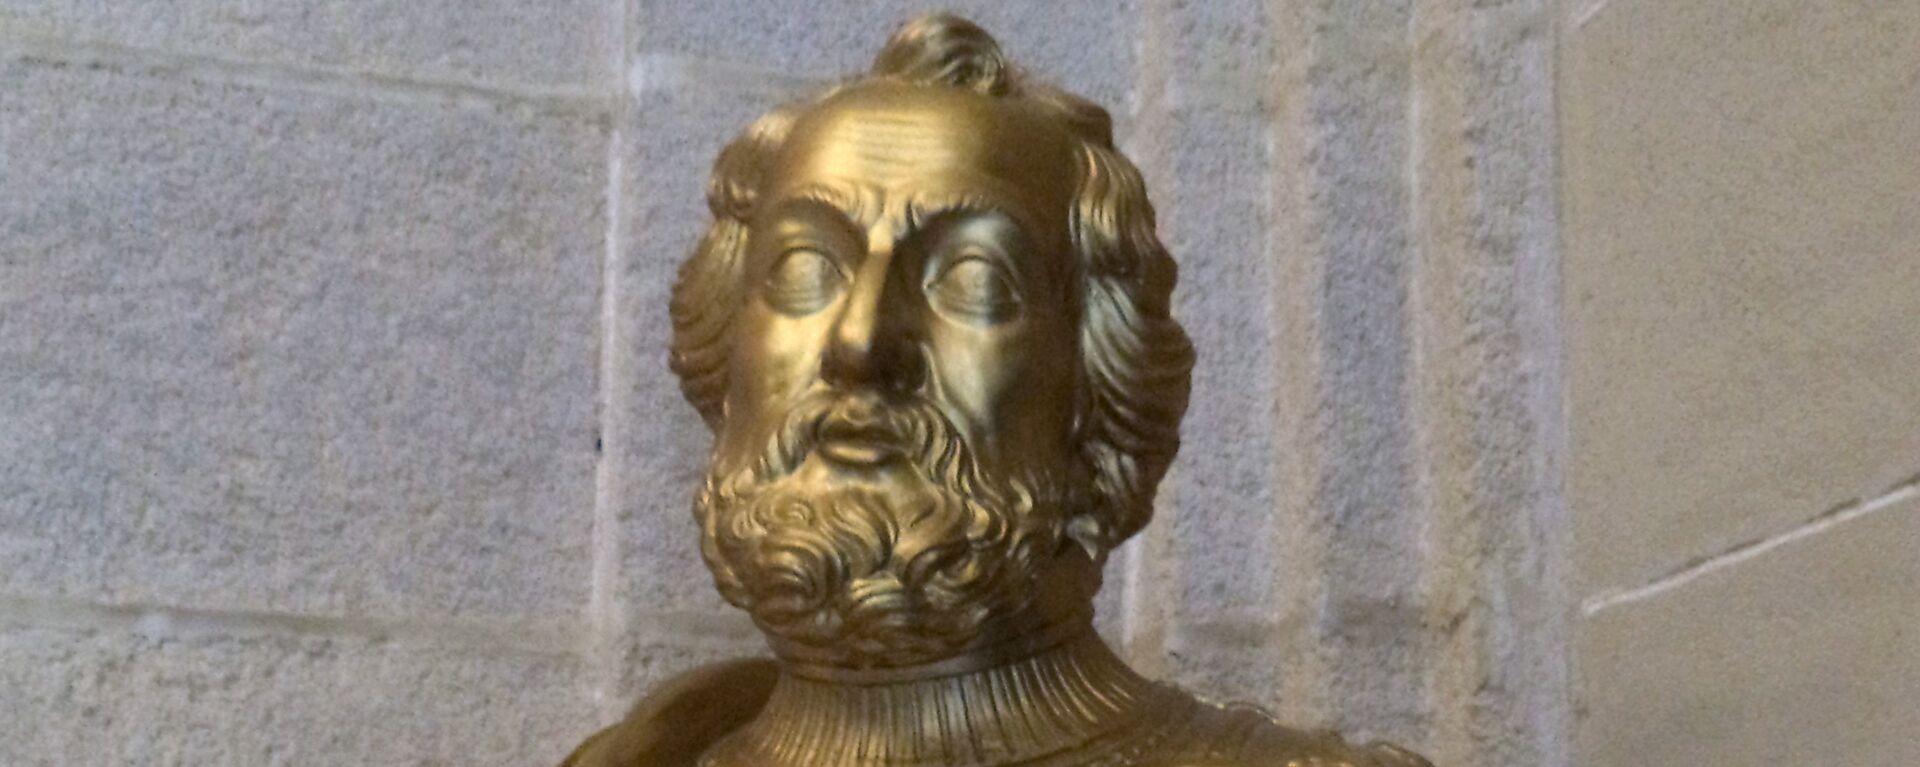 Busto de Hernán Cortés en el Archivo de Indias de Sevilla - Sputnik Mundo, 1920, 15.09.2020